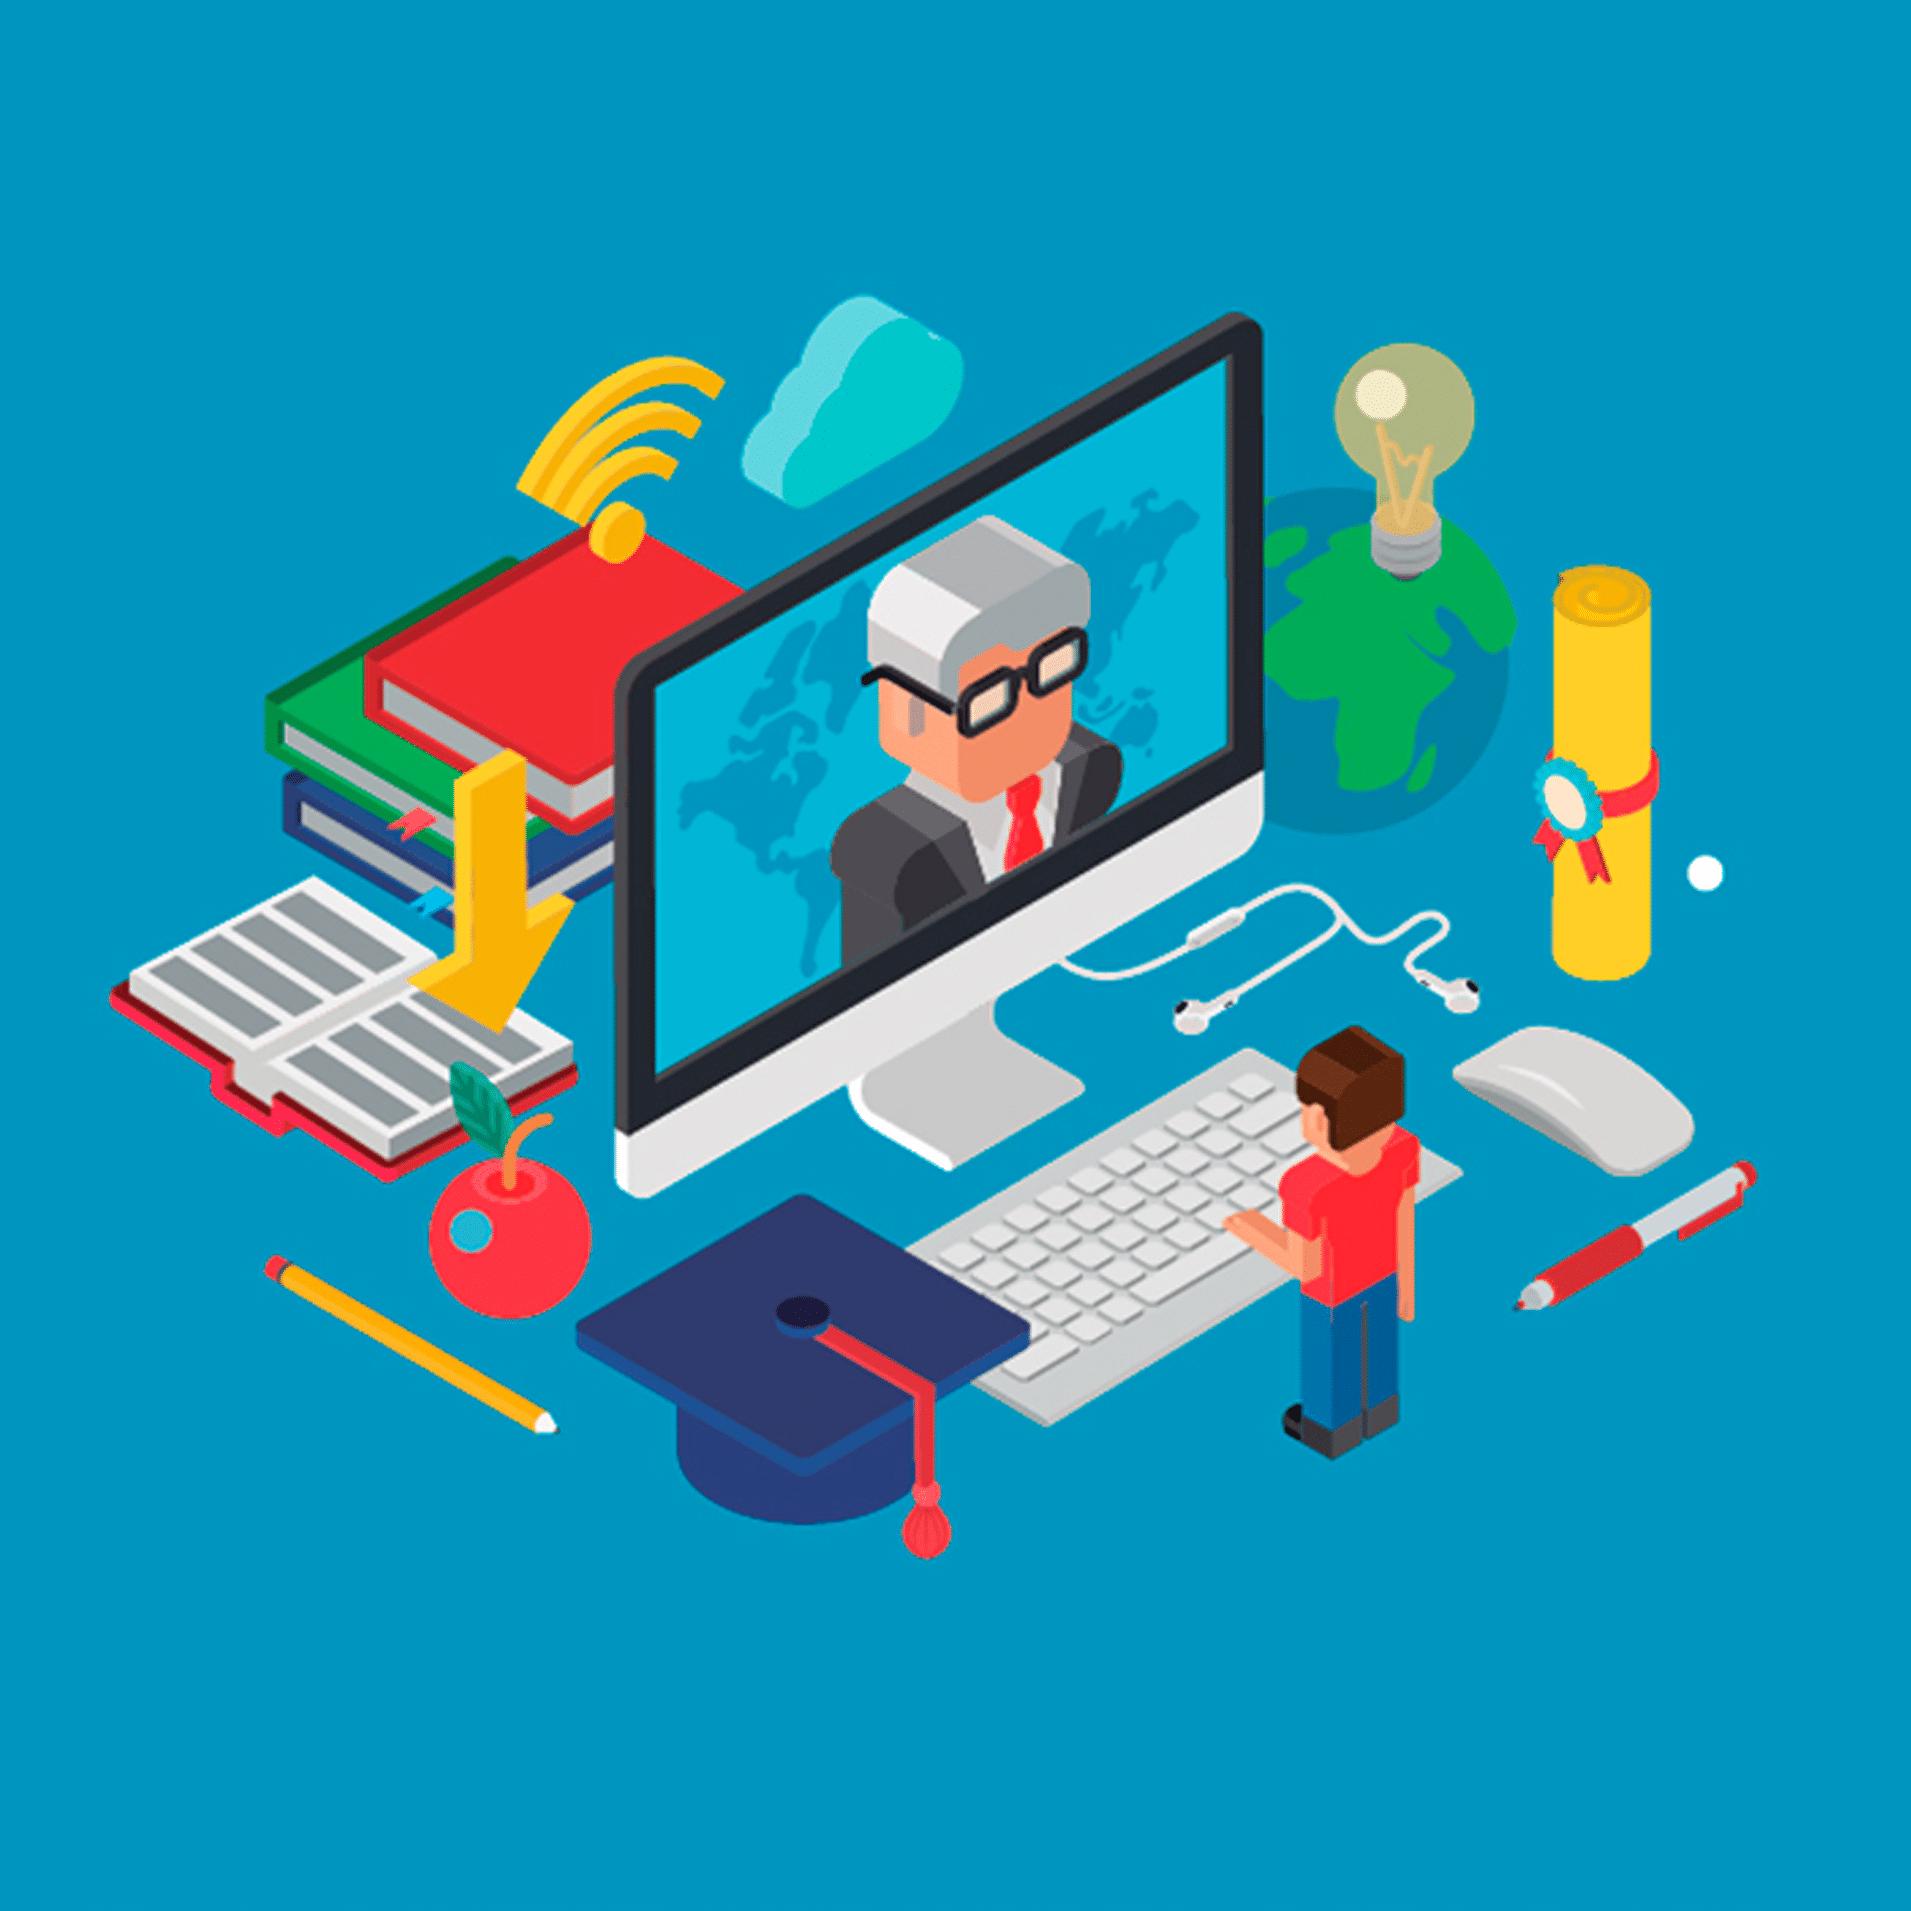 آموزش به زبان ساده در حوزههای نرم افزار ، سخت افزار ، شبکه های کامپیوتری و مدیریت کسب و کار